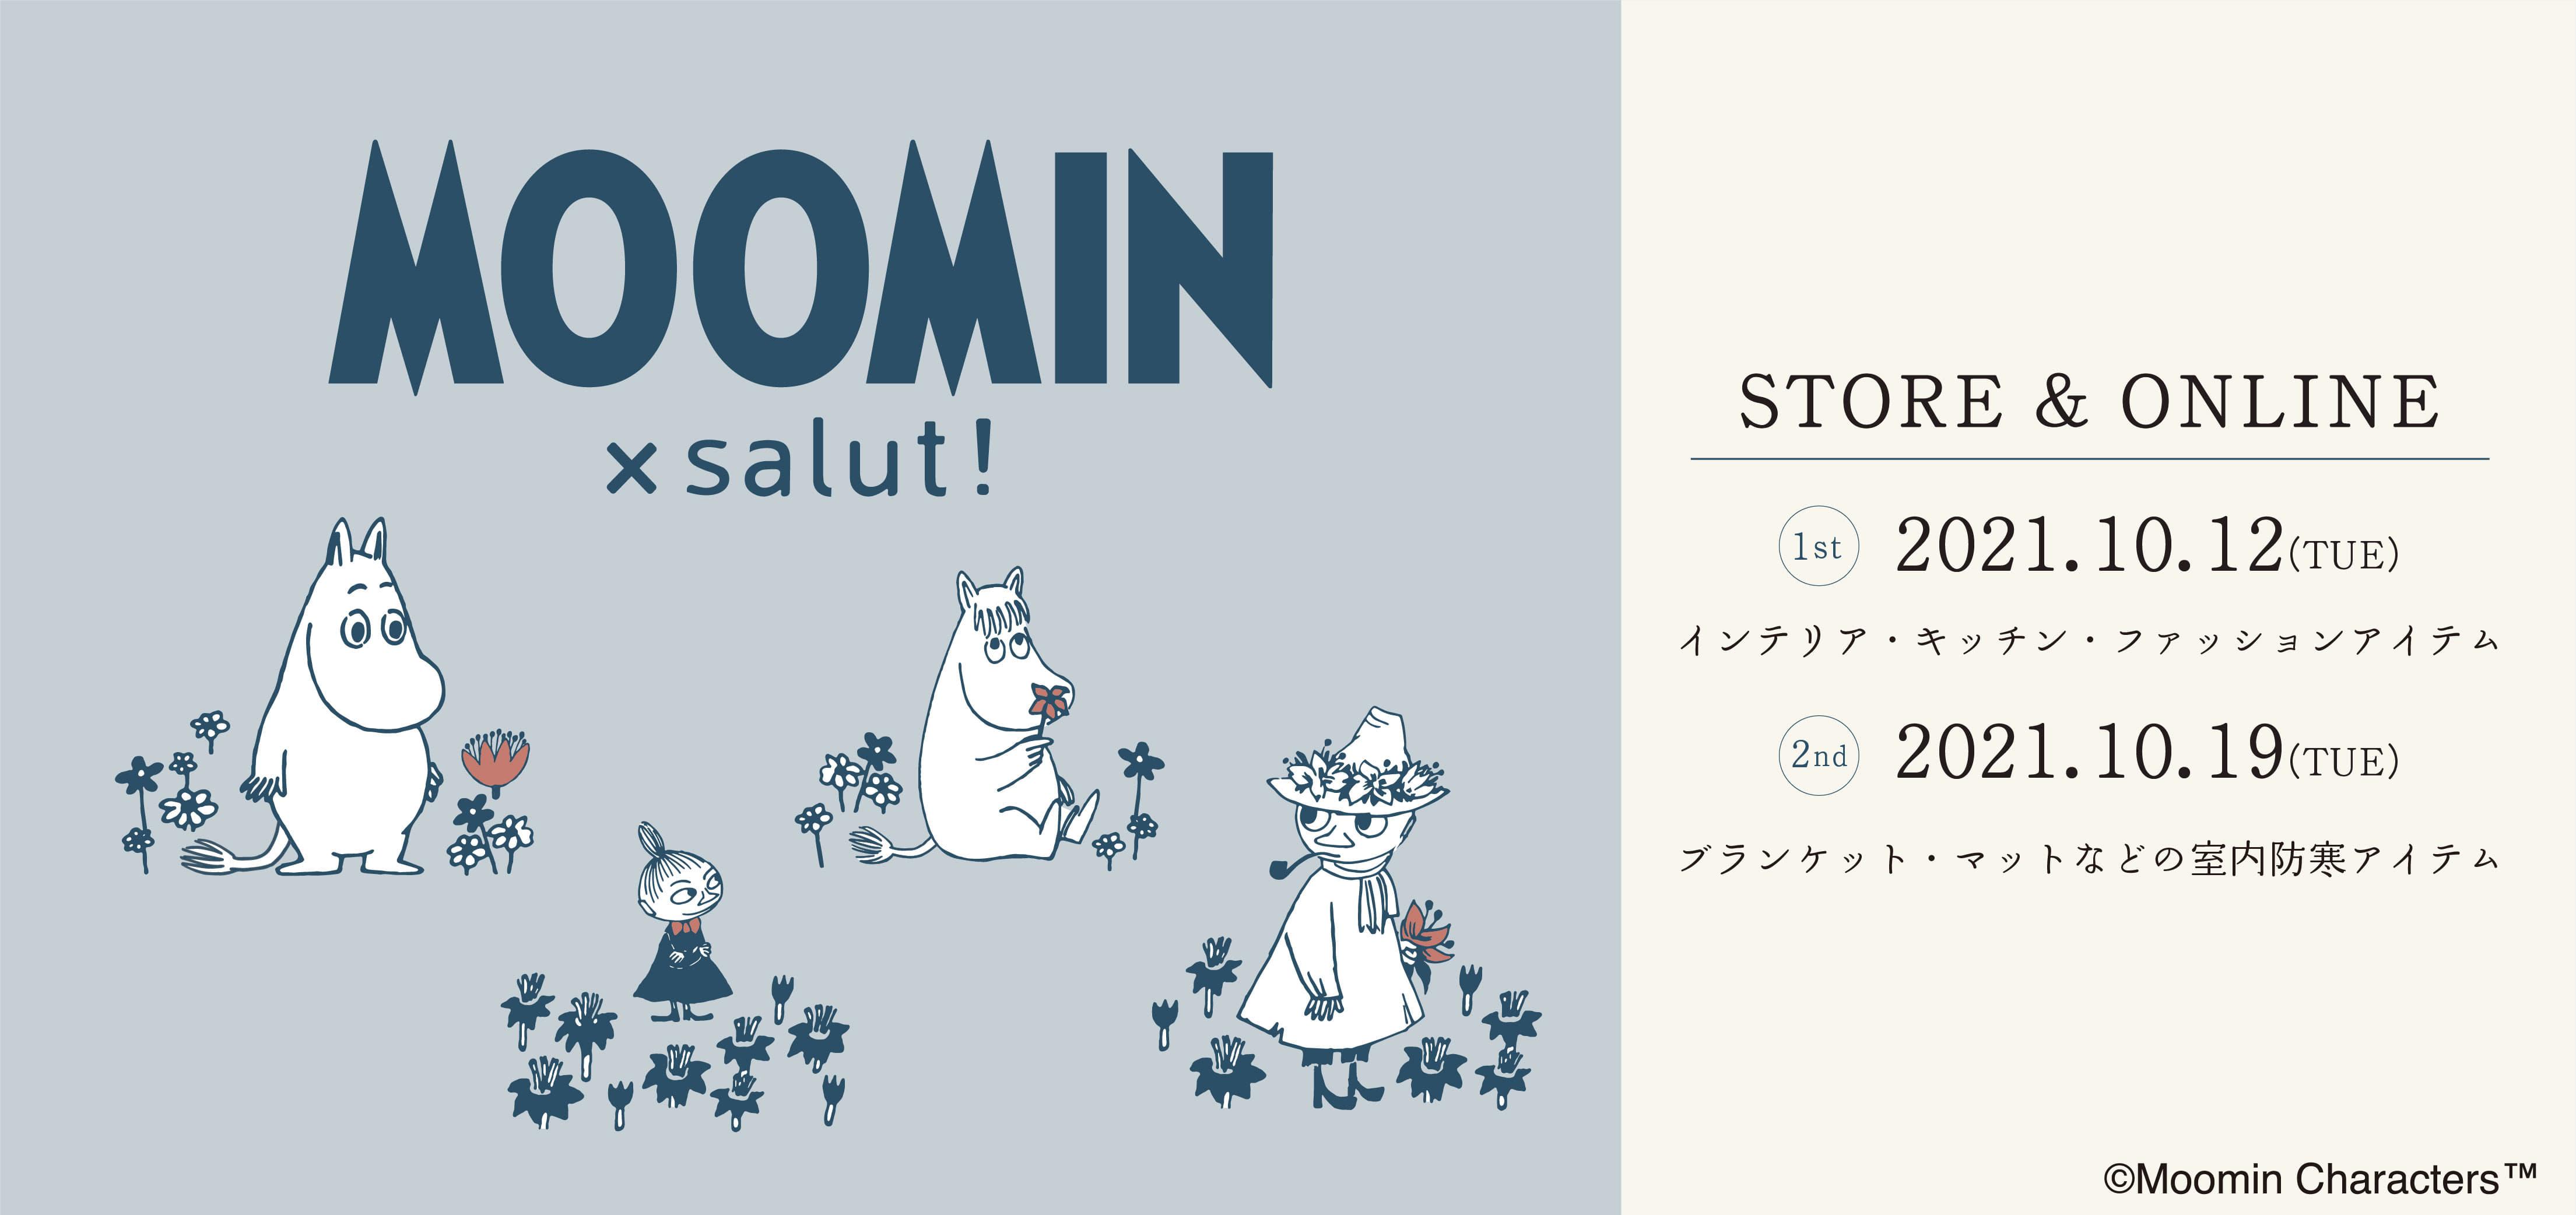 【salut!】ムーミン×salut! コラボレーションアイテム